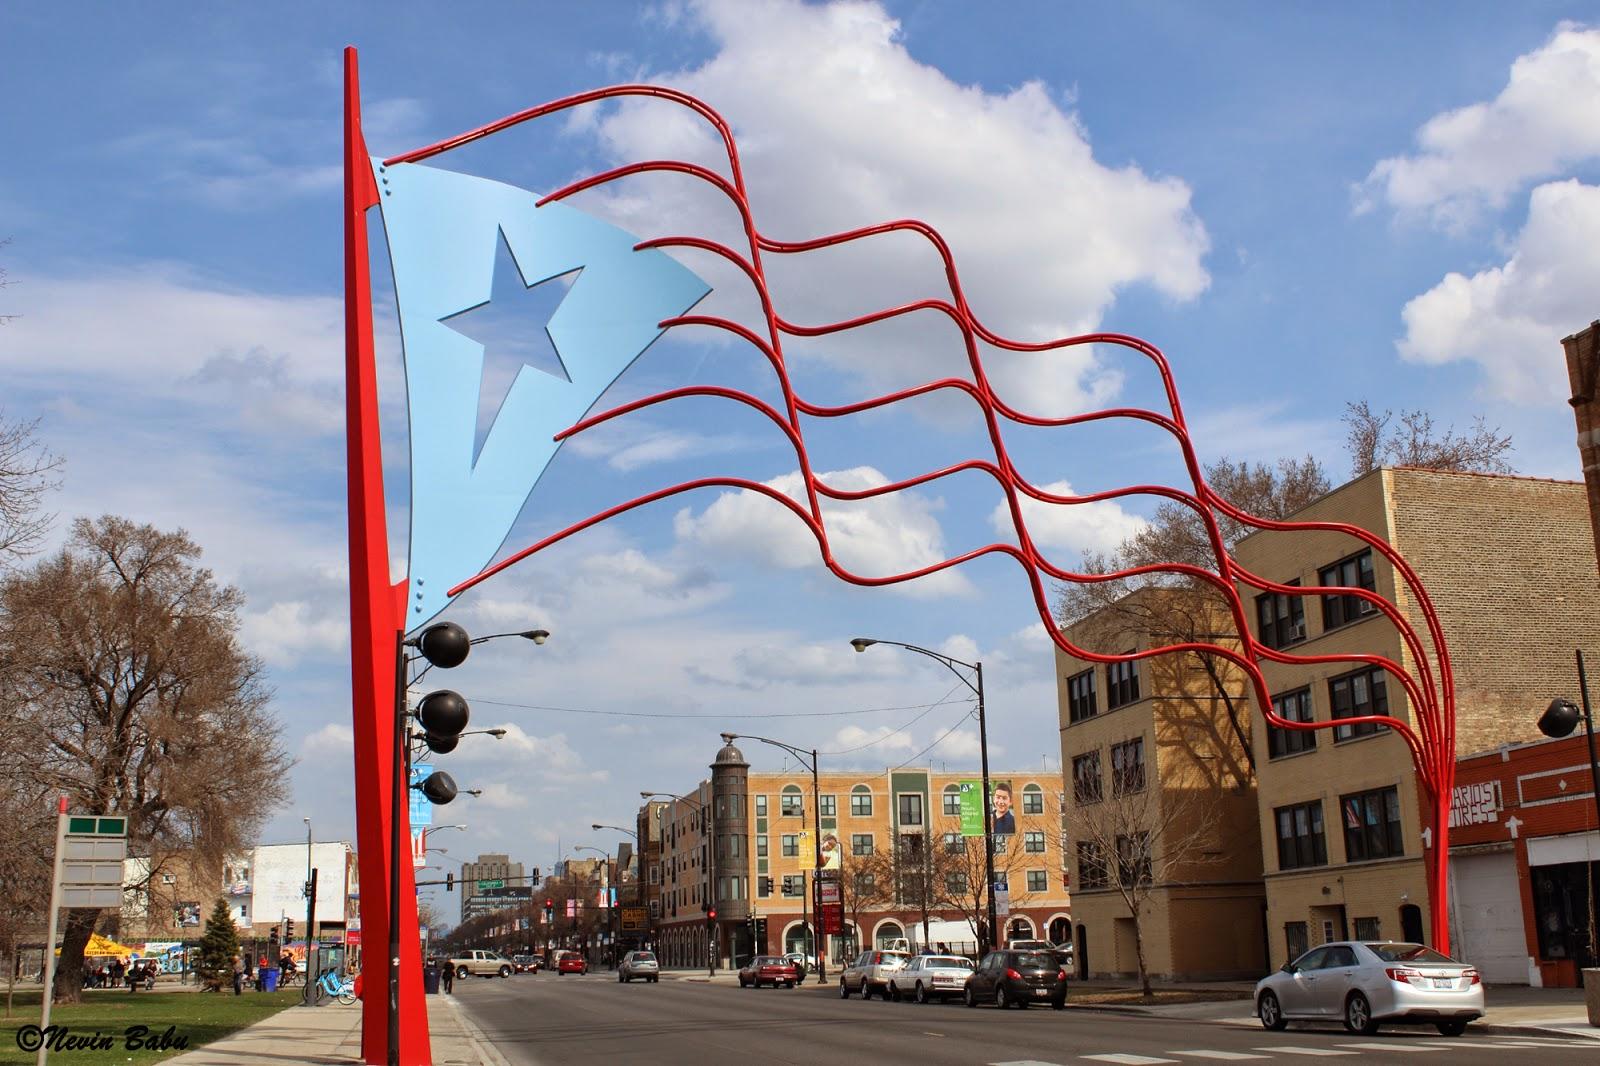 Puerto Rican flag Sculpture at Paseo Boricua